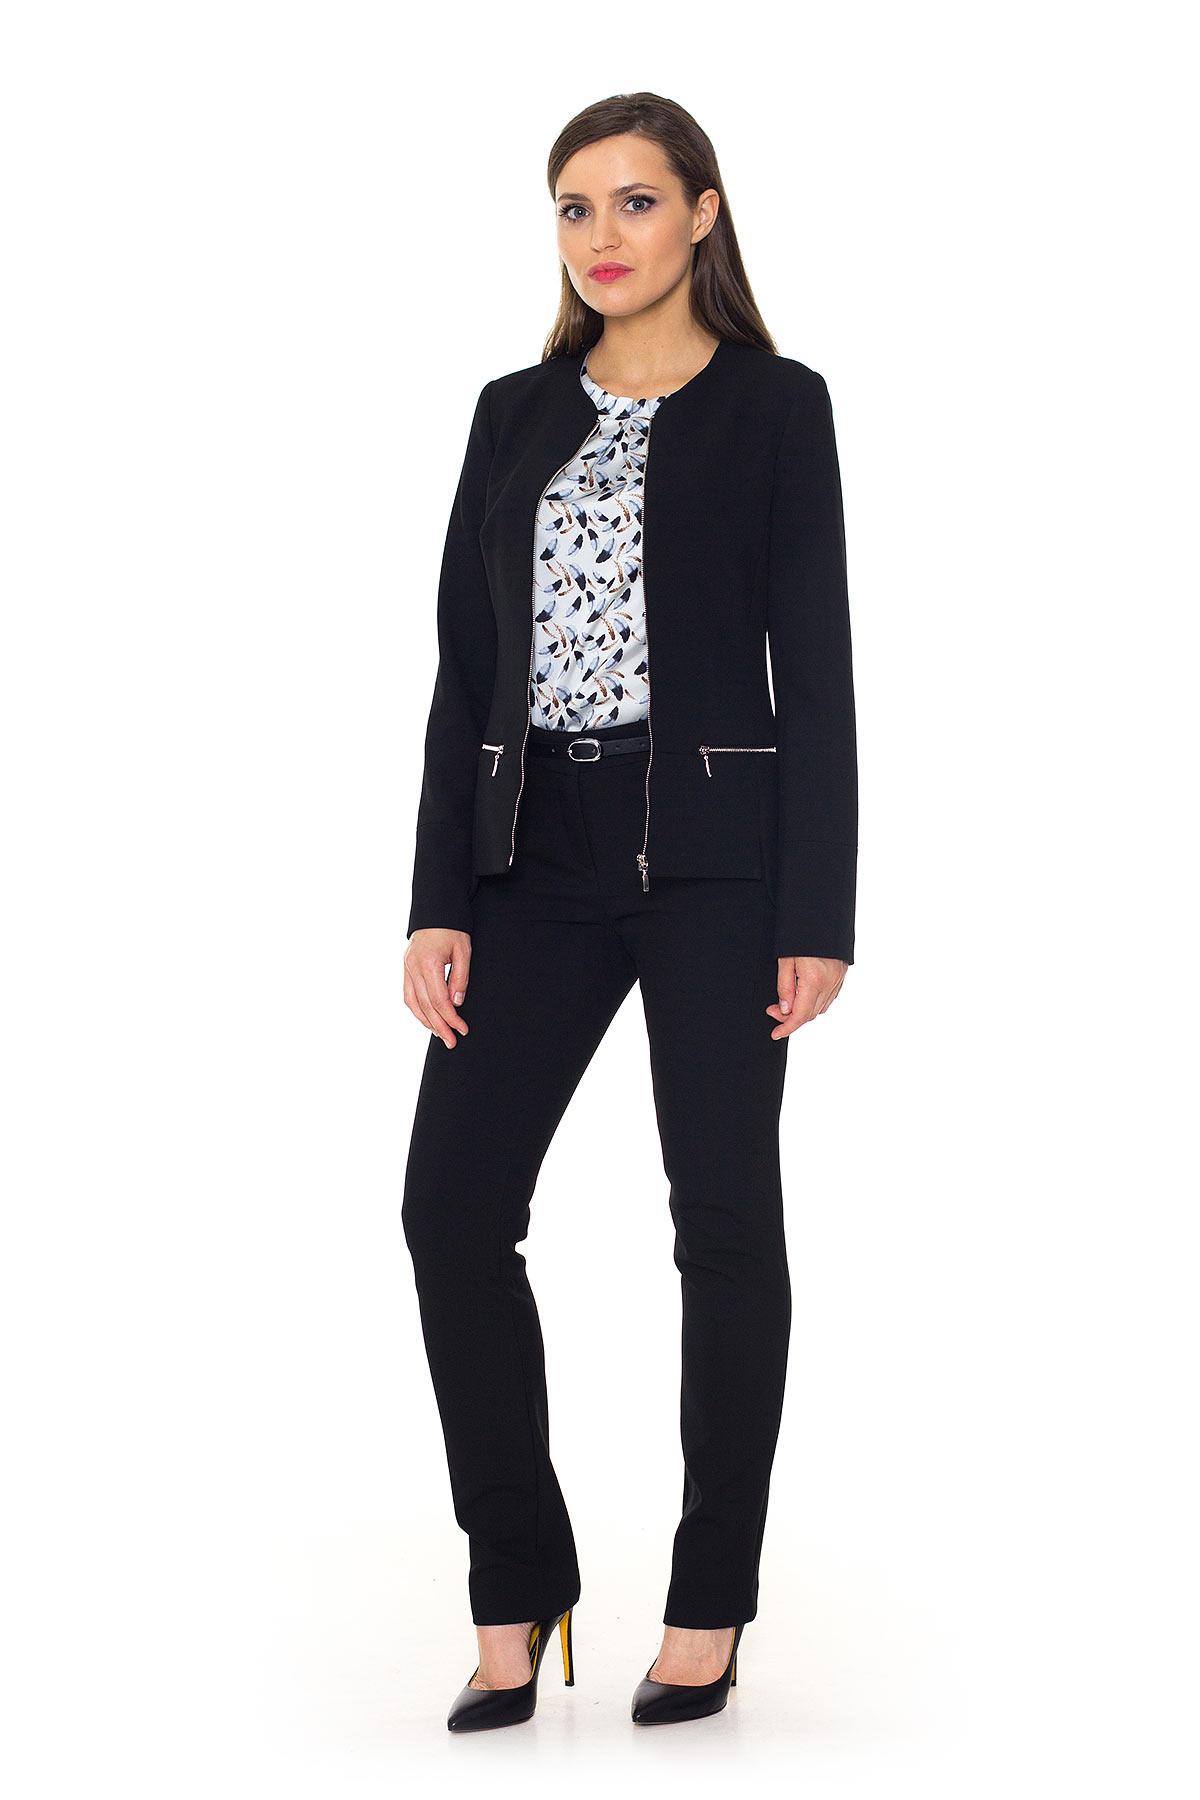 Джессика Женская Одежда Интернет Магазин